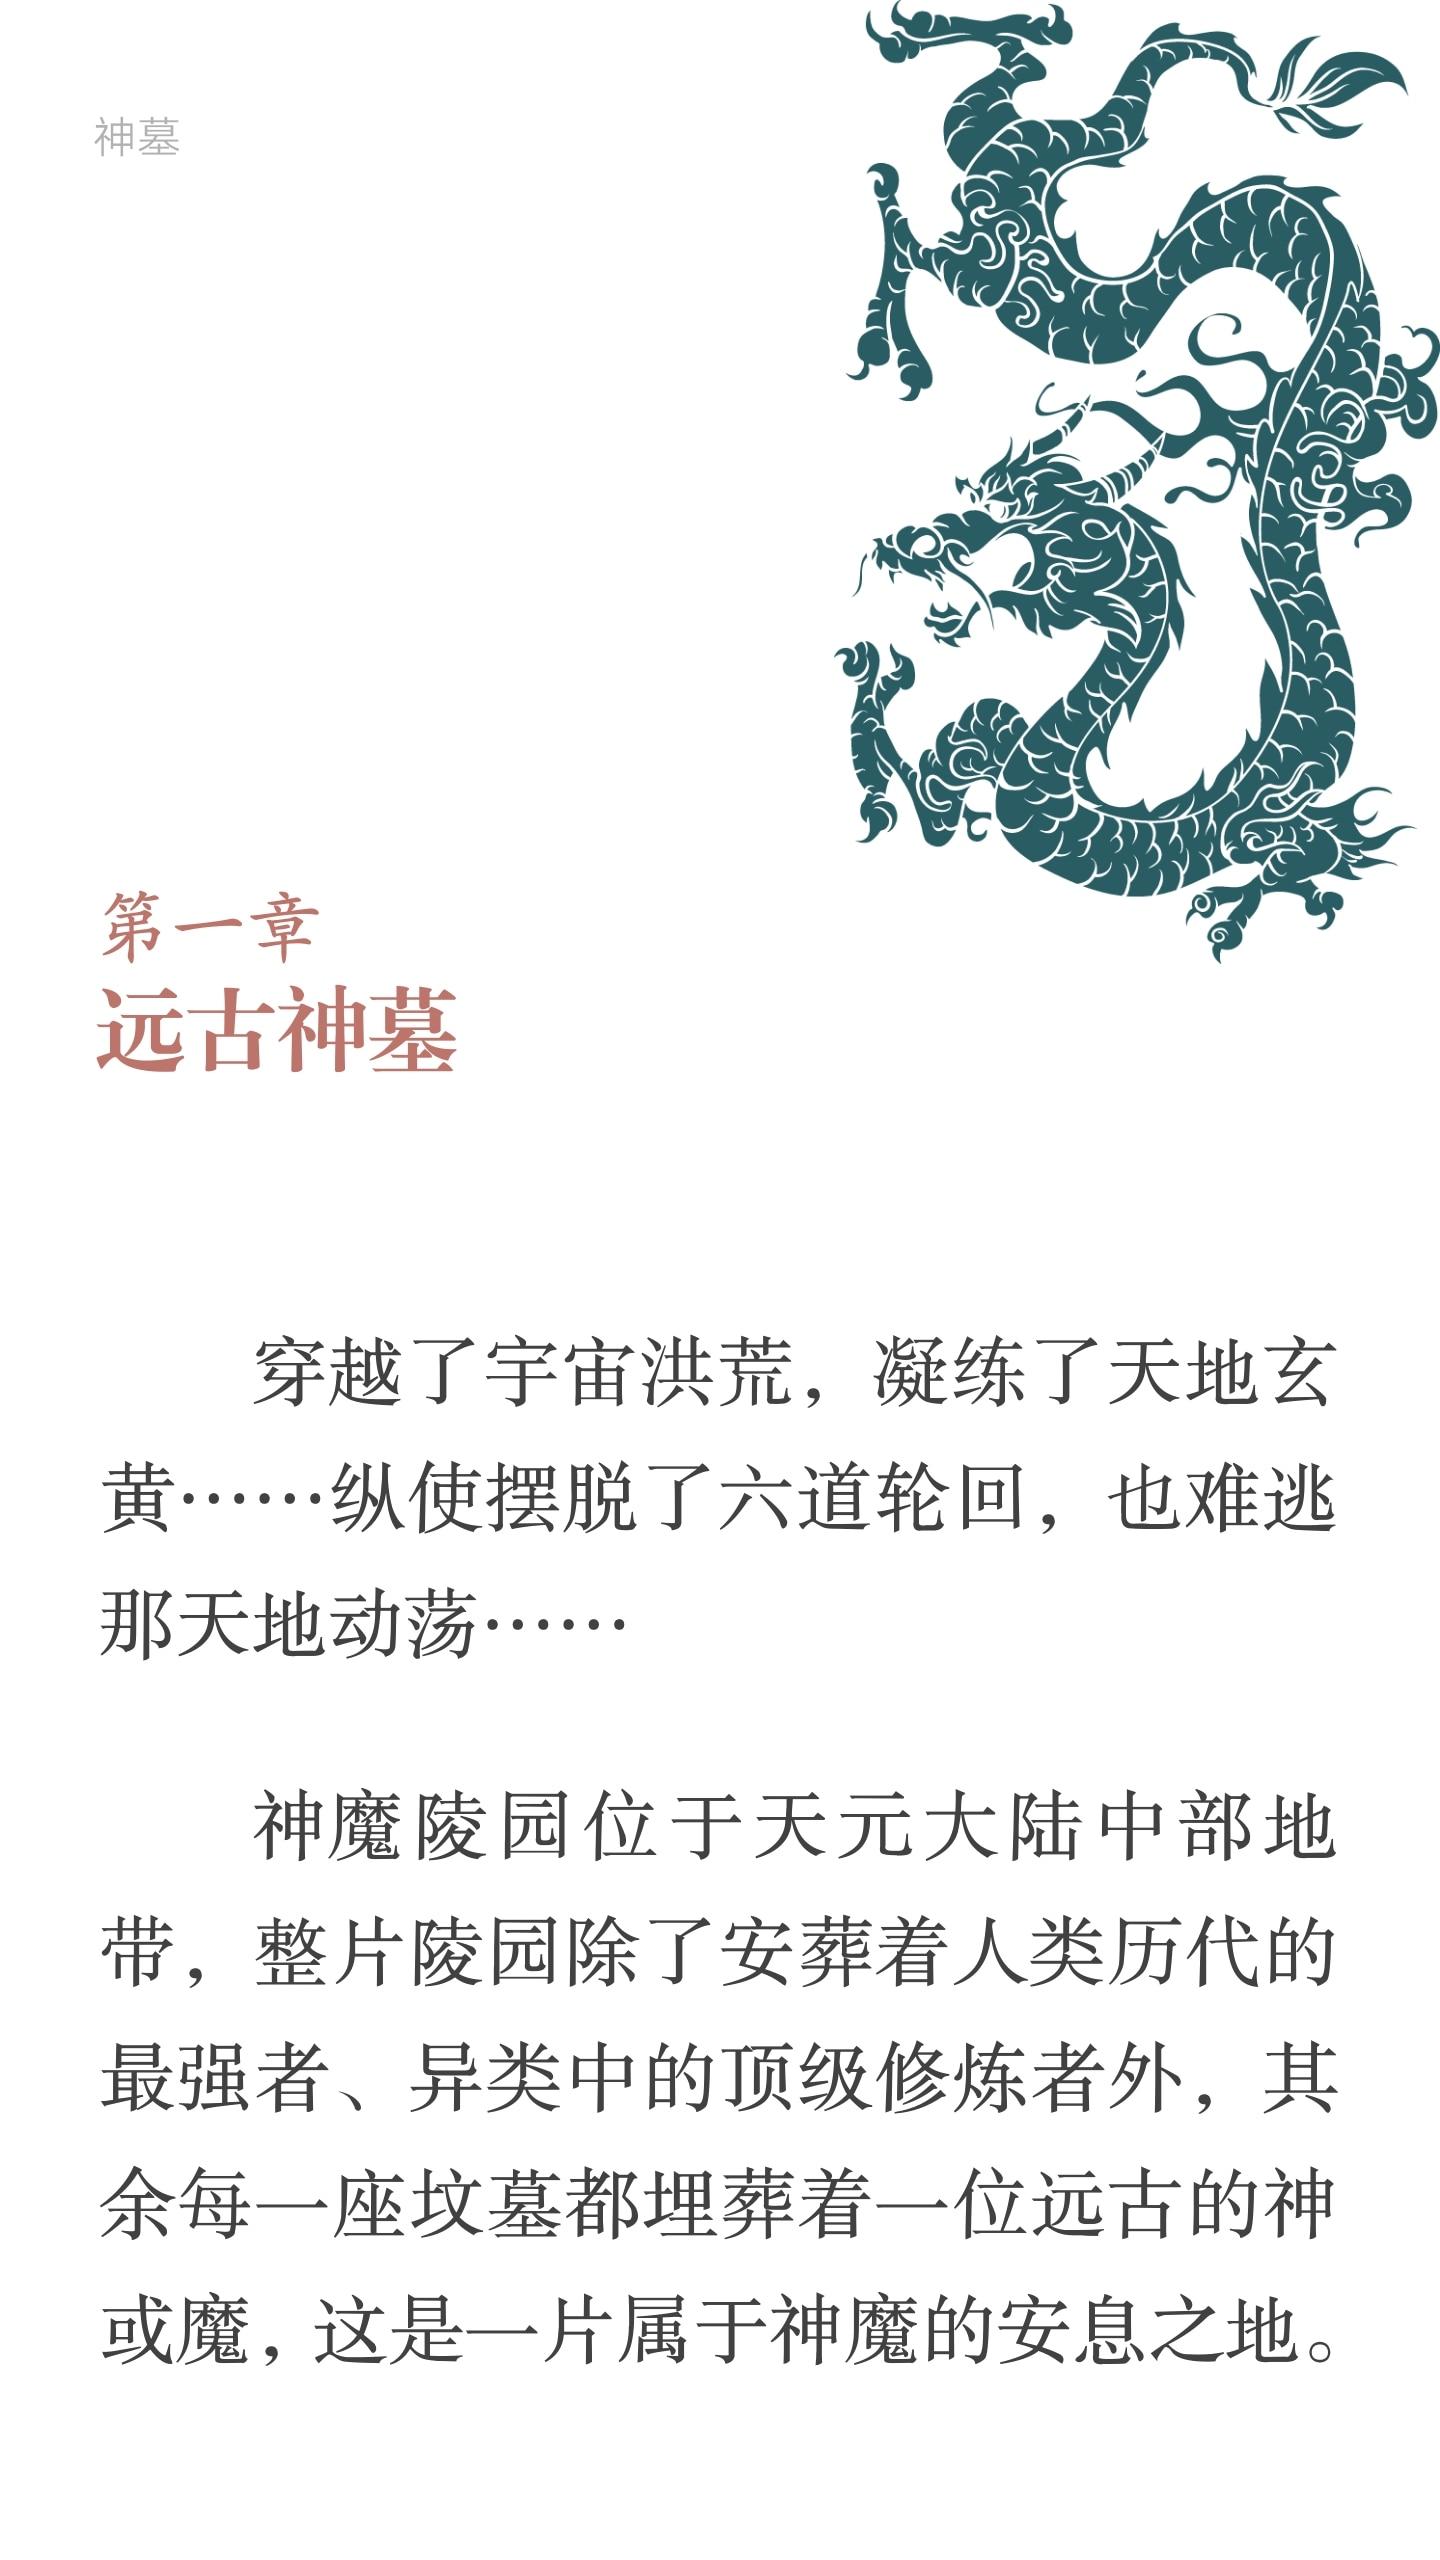 【福利推号】桃李春风一杯酒  江湖夜雨十年灯